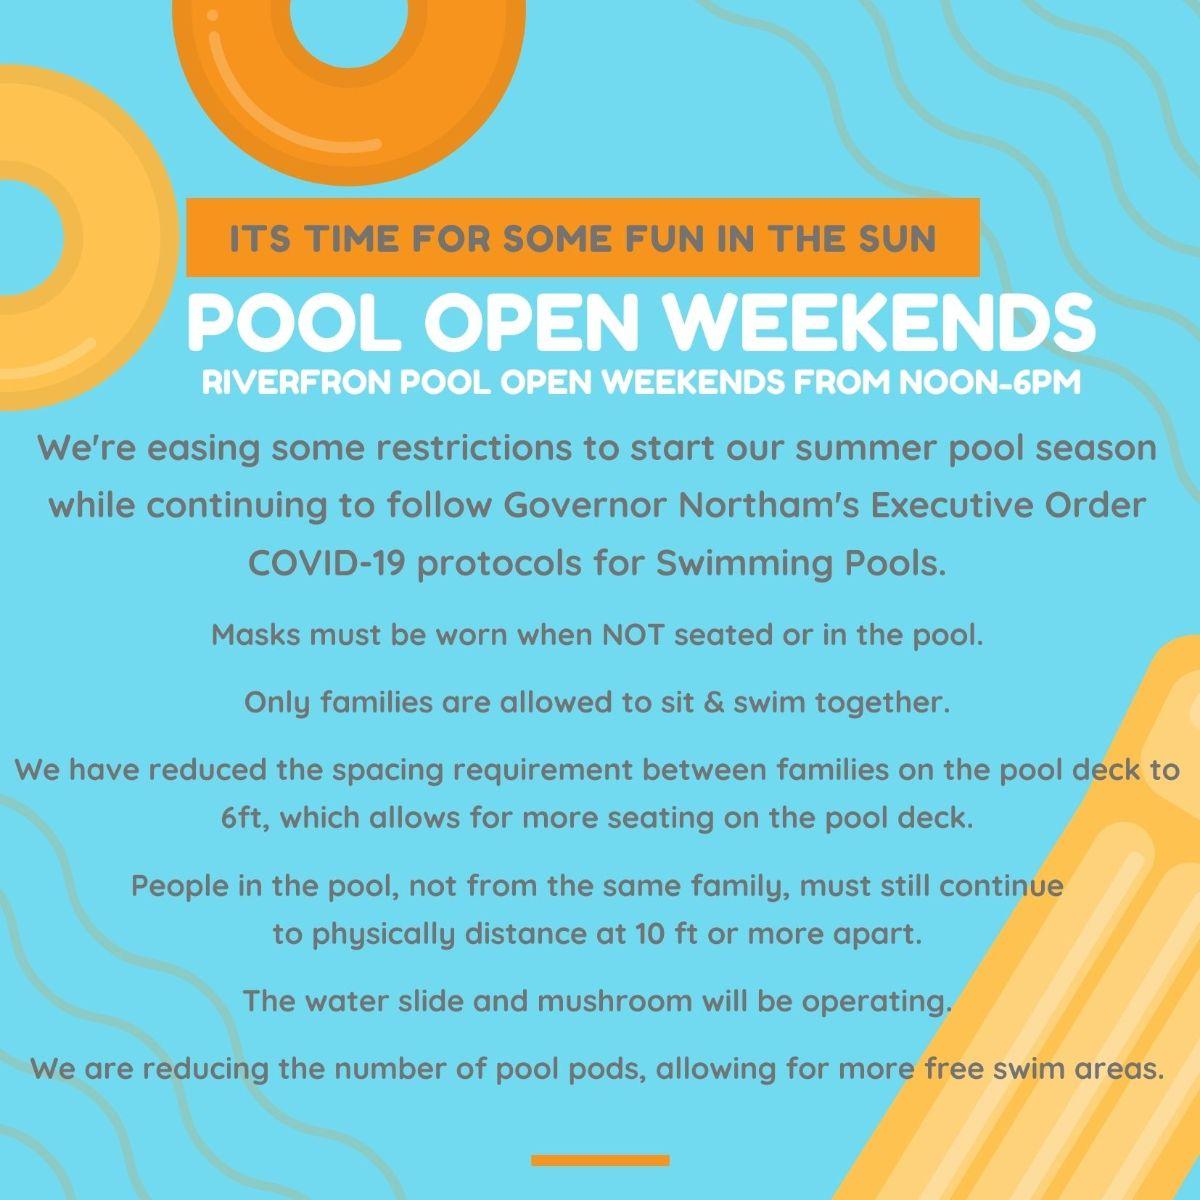 Pool Opens Weekends 2021